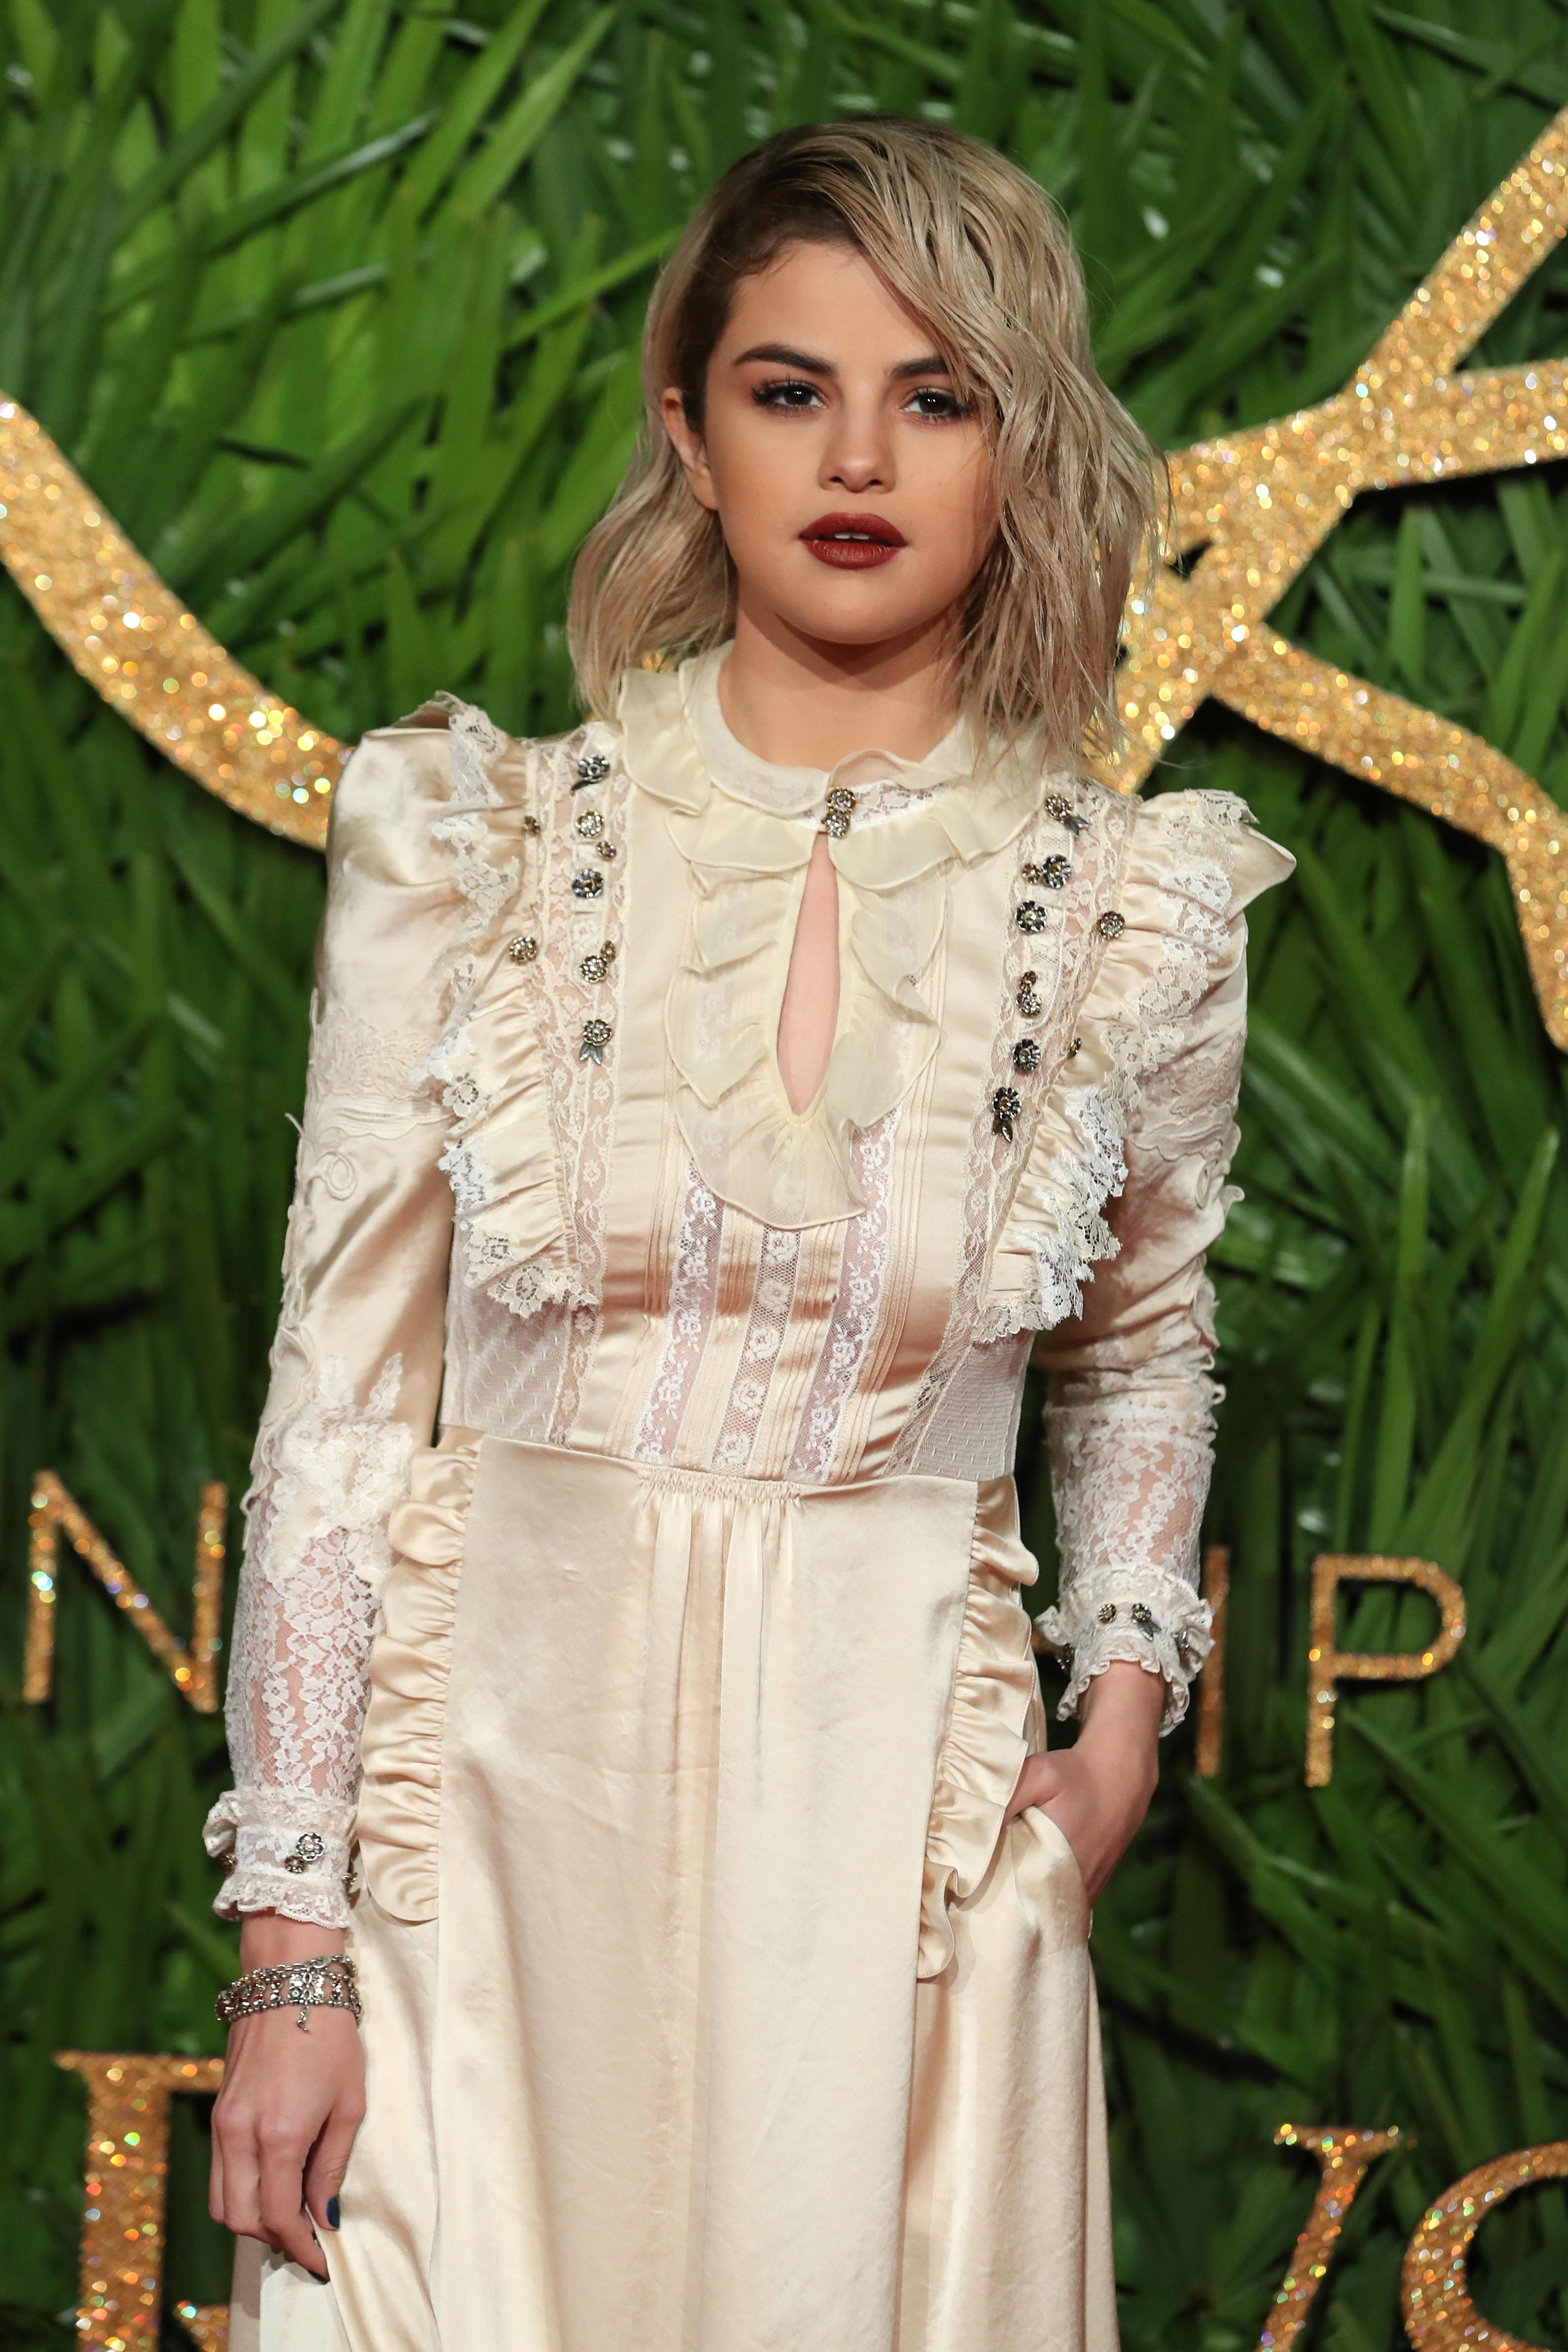 El Vestido De Selena Gómez Que Parece Sacado De Otra época